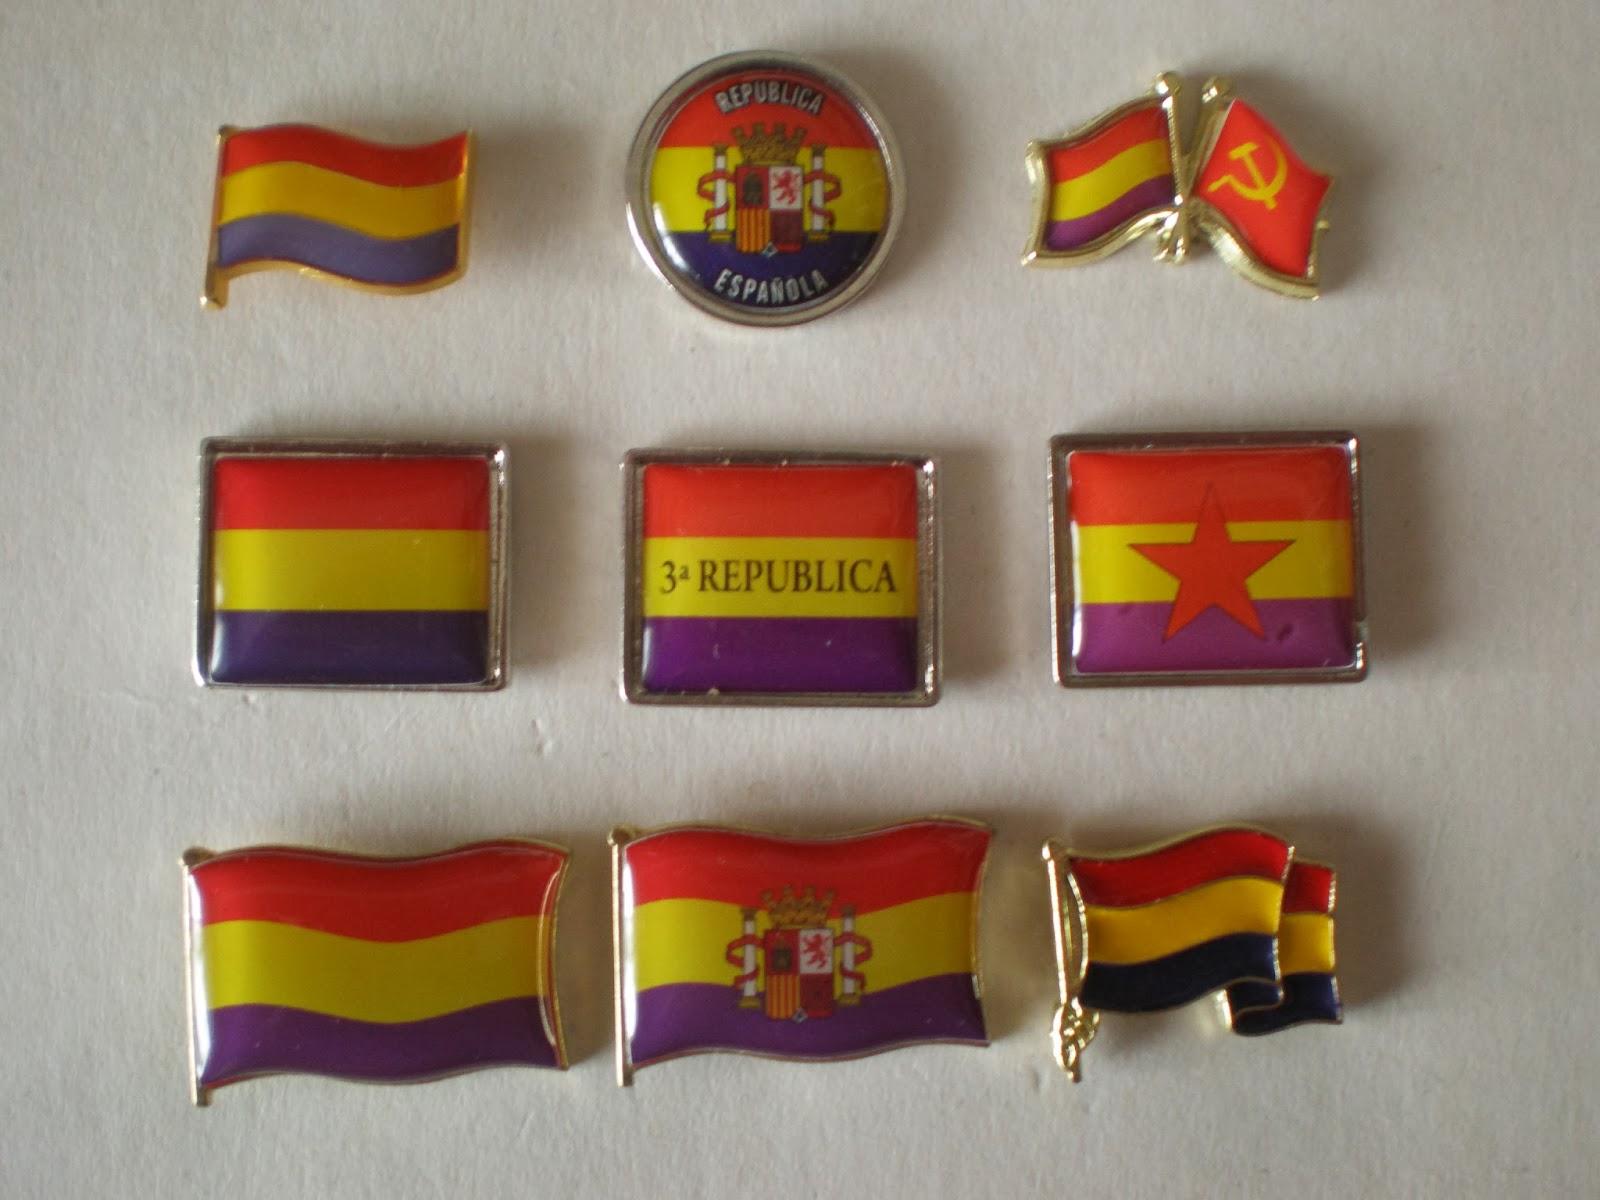 medidas aproximadas pequeas x cm grandes x cm varios modelos a bandera tricolor pequea sin escudo